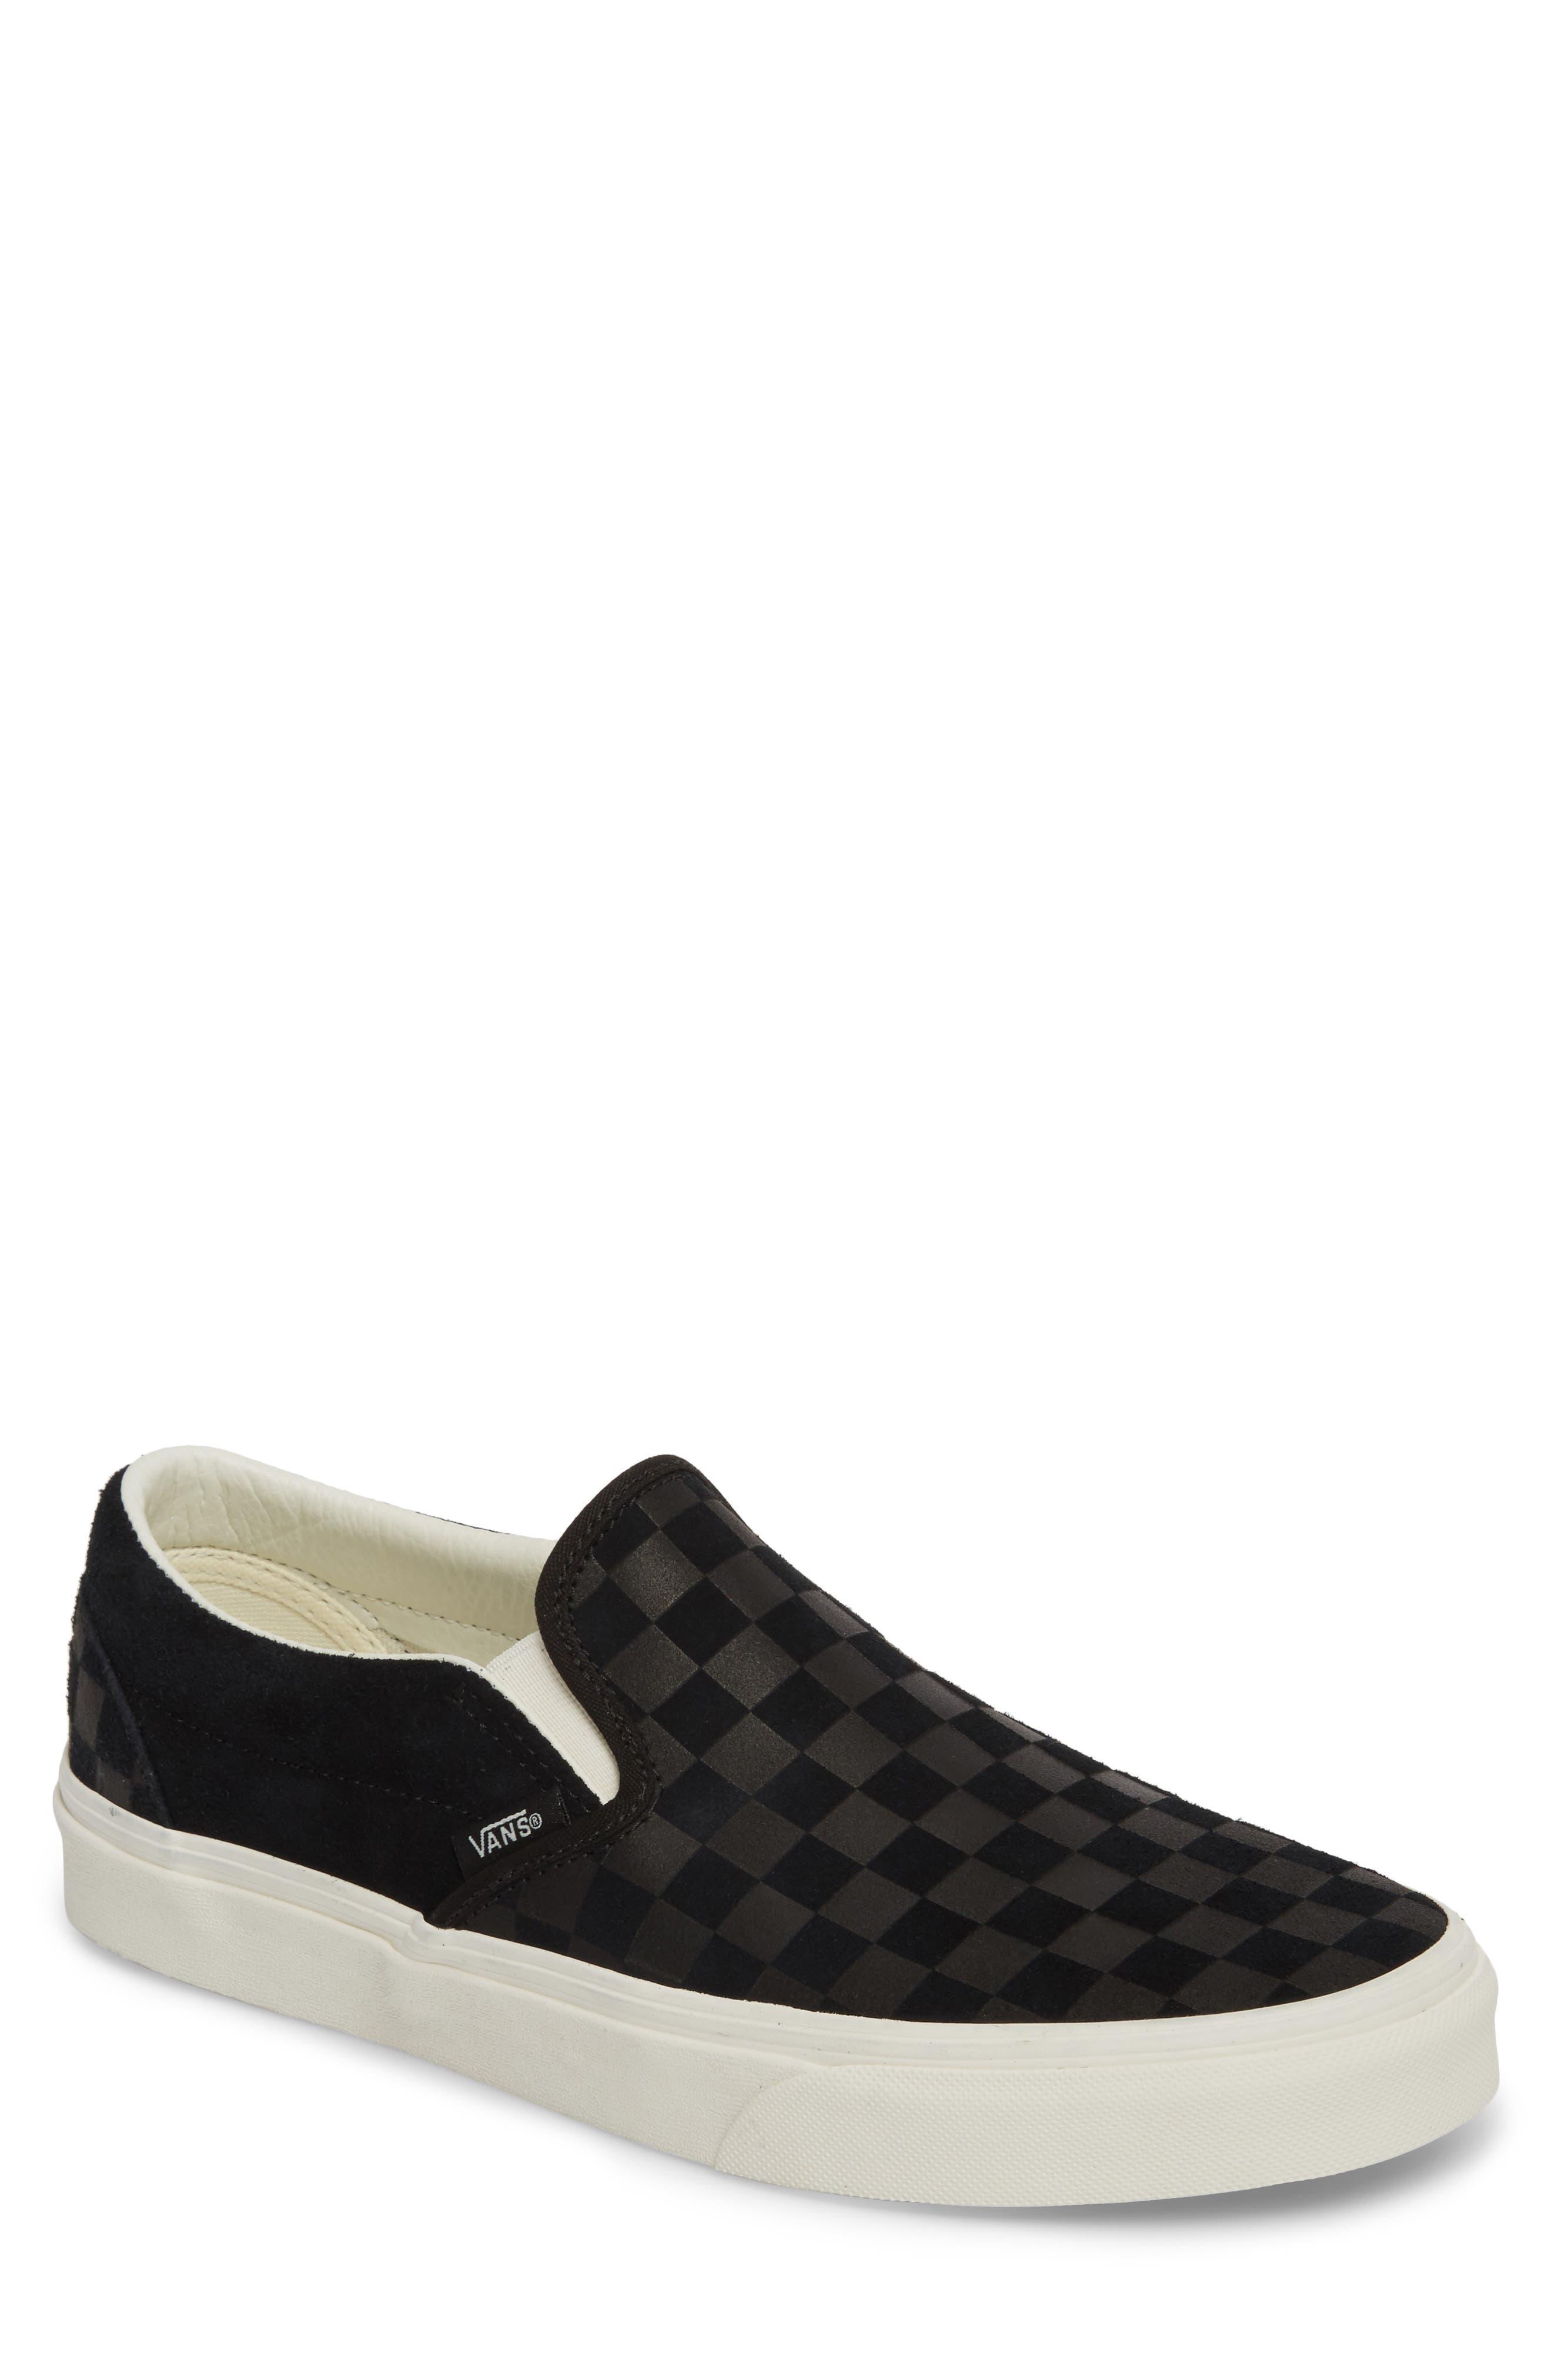 Vans Classic Slip-On Sneaker (Men)